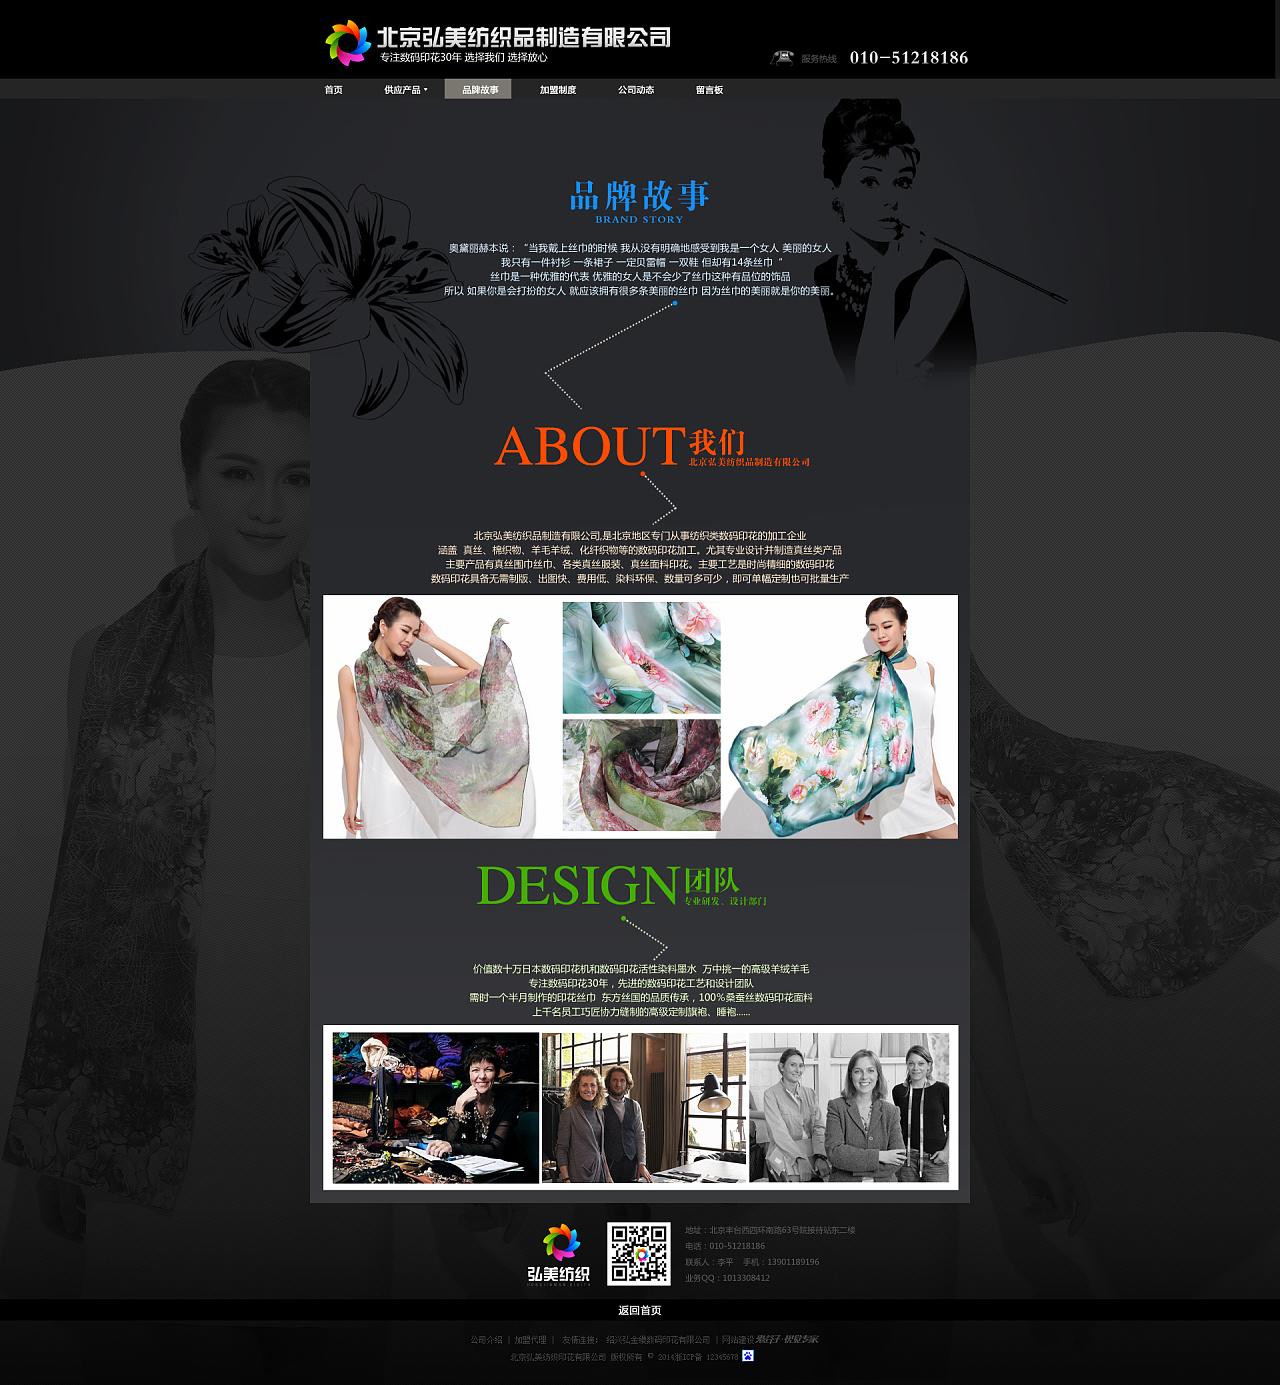 阿里巴巴店铺设计丝巾店铺设计睡袍店铺设计丝巾阿里巴巴店铺设计纺织图片